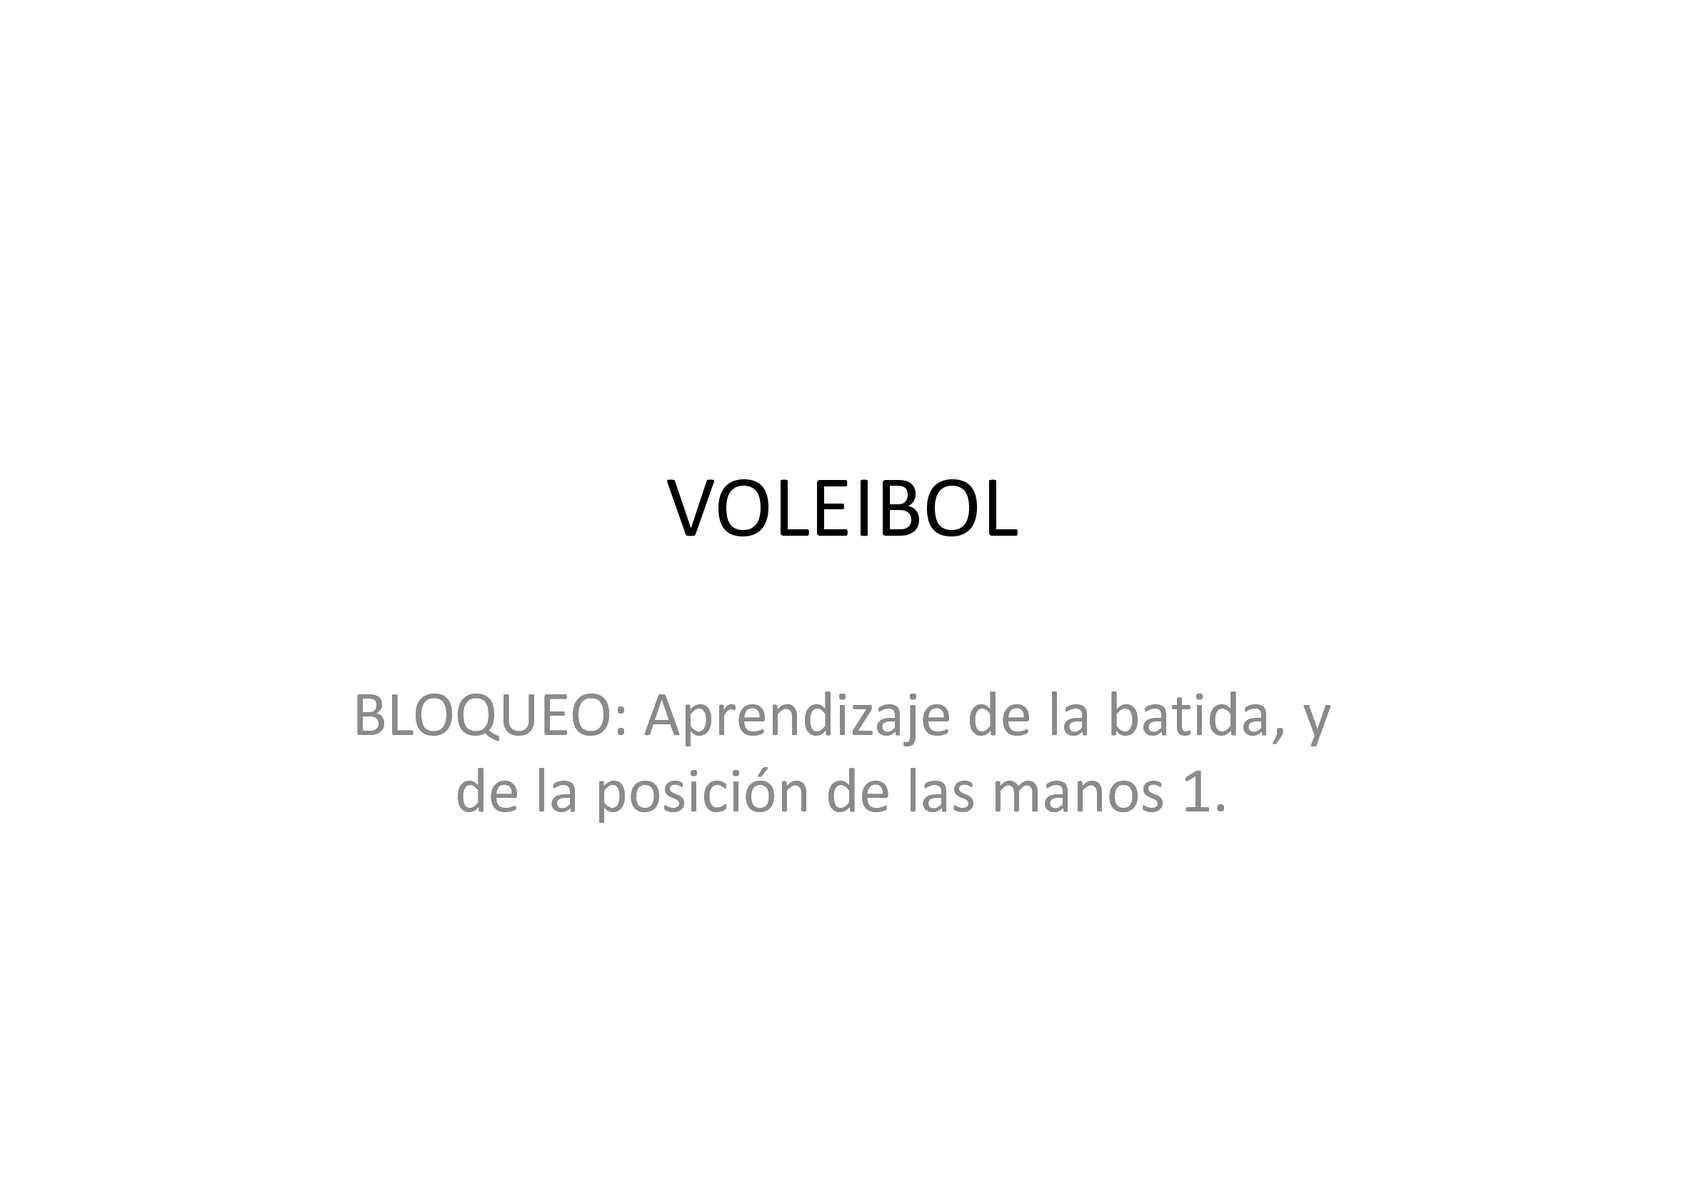 VOLEIB0L-Bloqueo - Aprendizaje de la batida, y de la posición de las manos 1